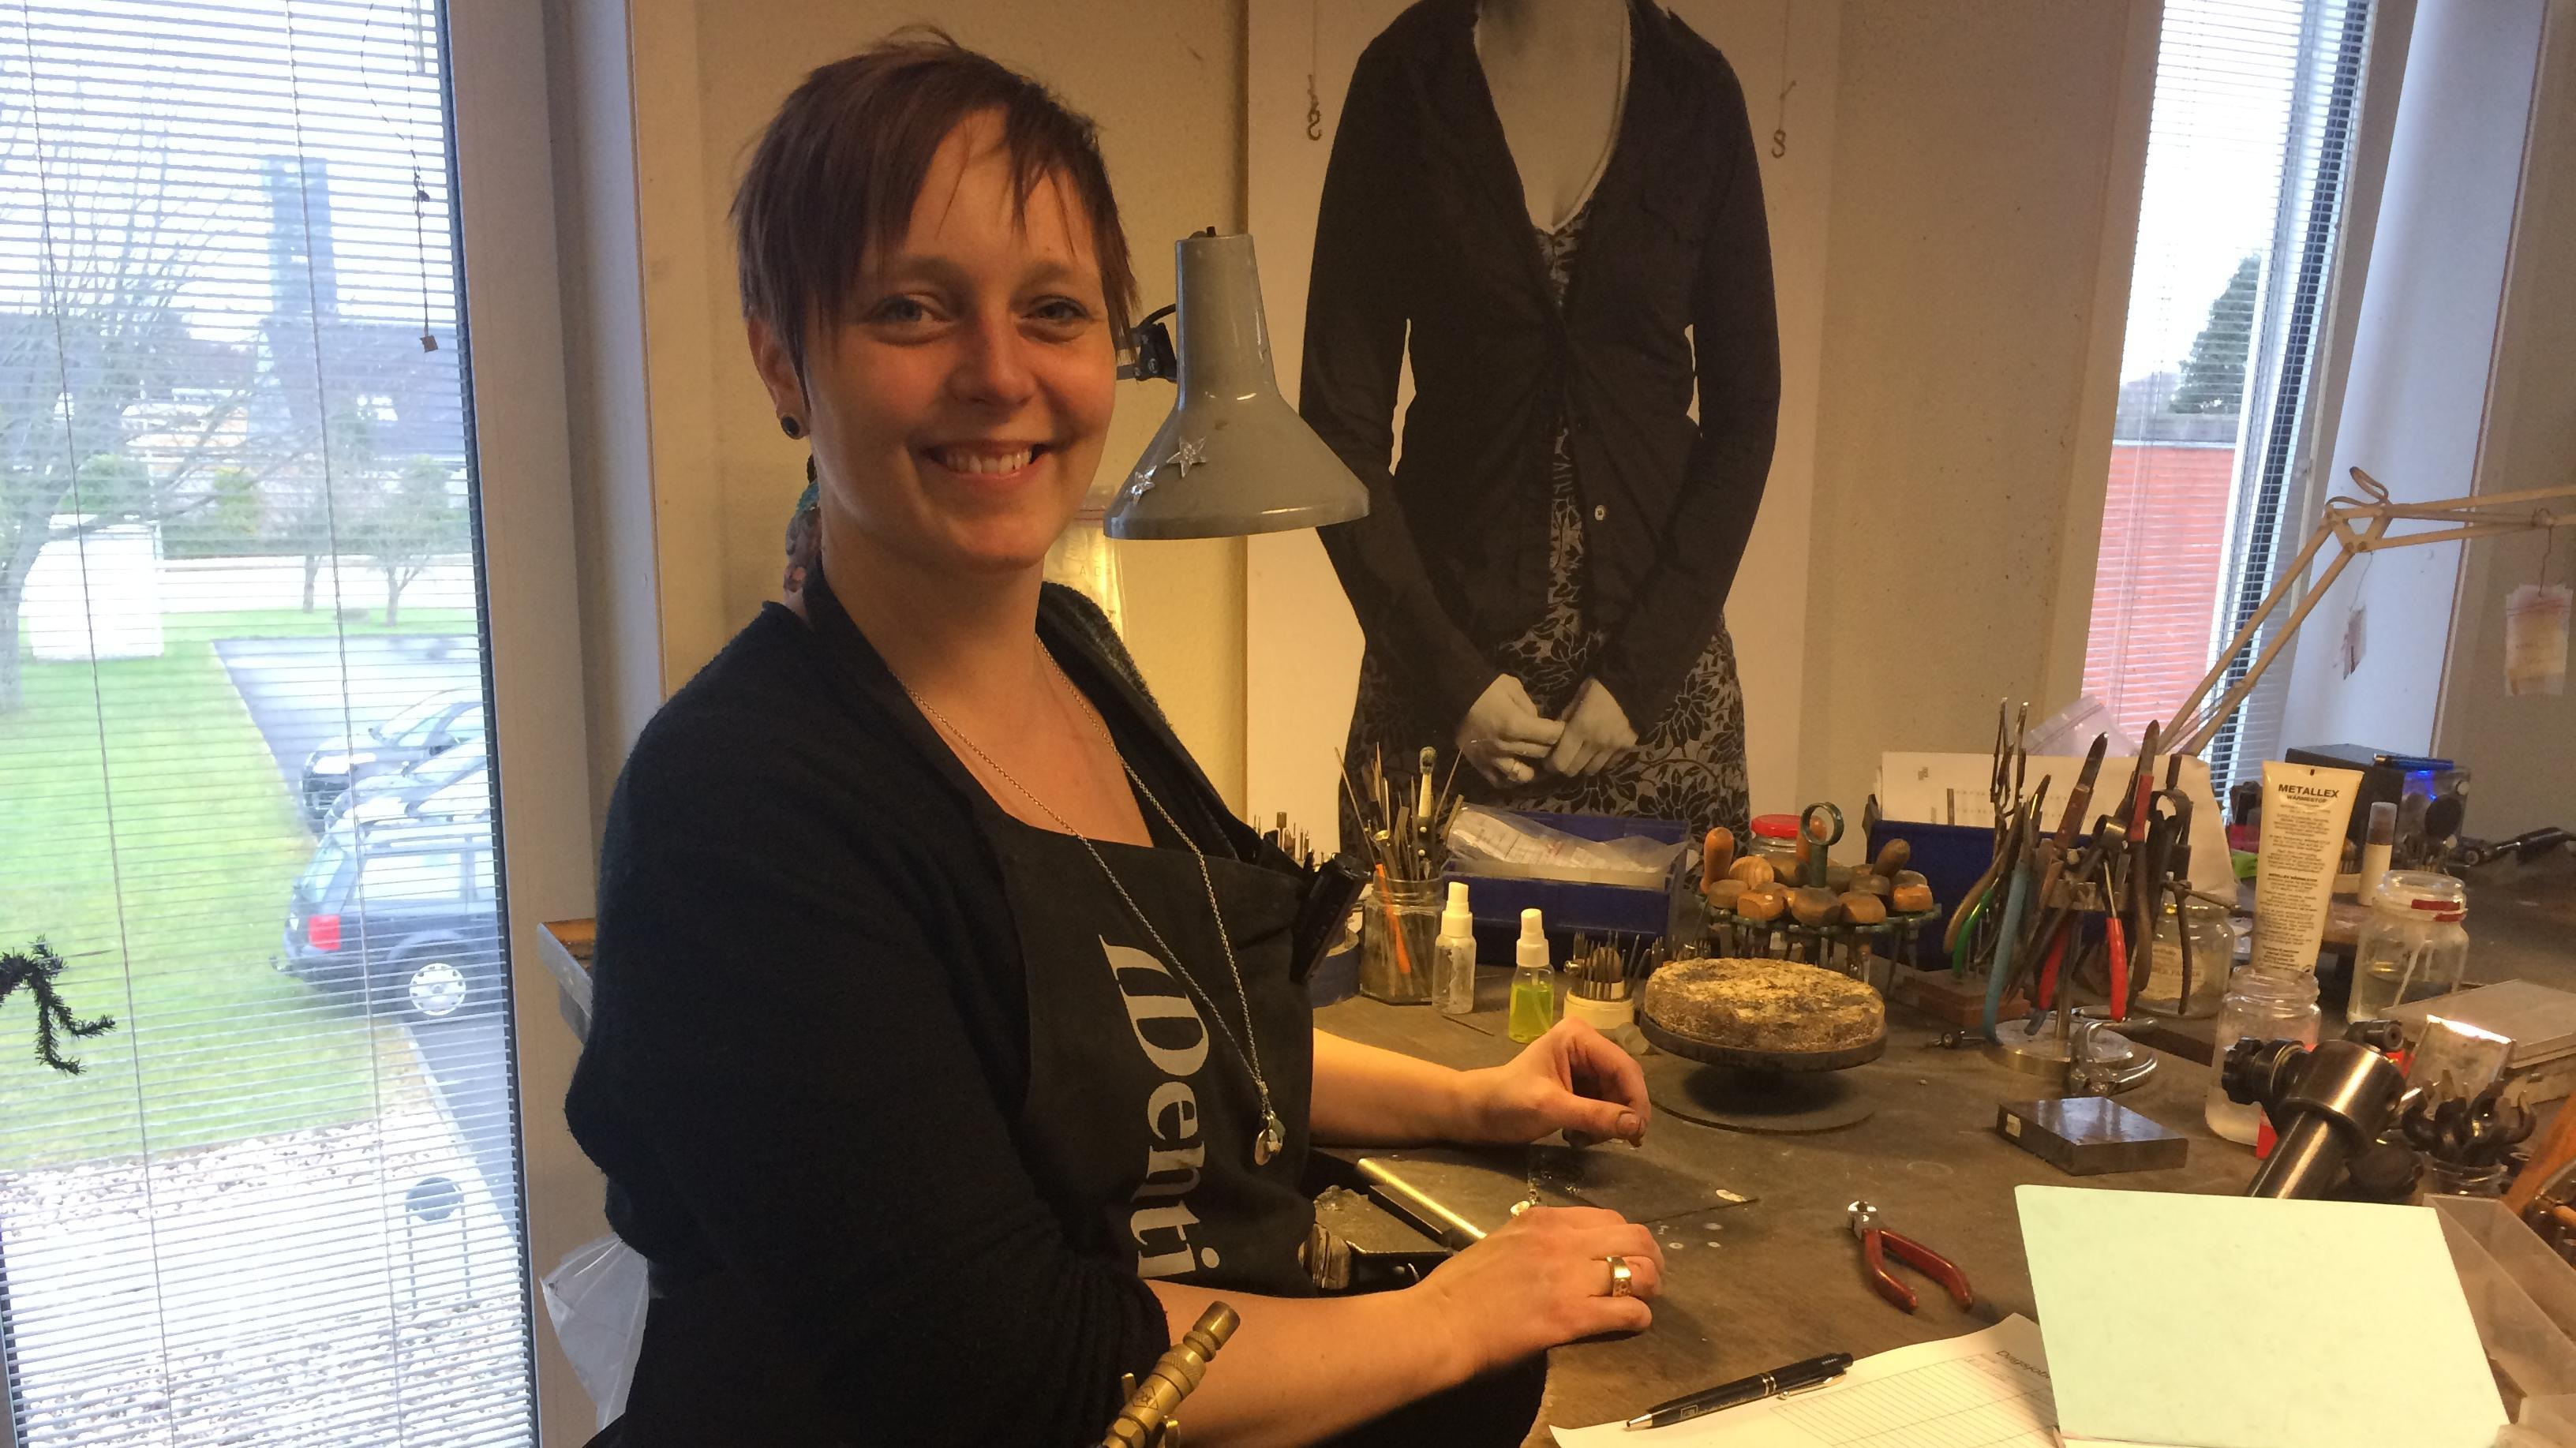 Guldsmed Kirstine Pepping Smykker med fingeraftryk